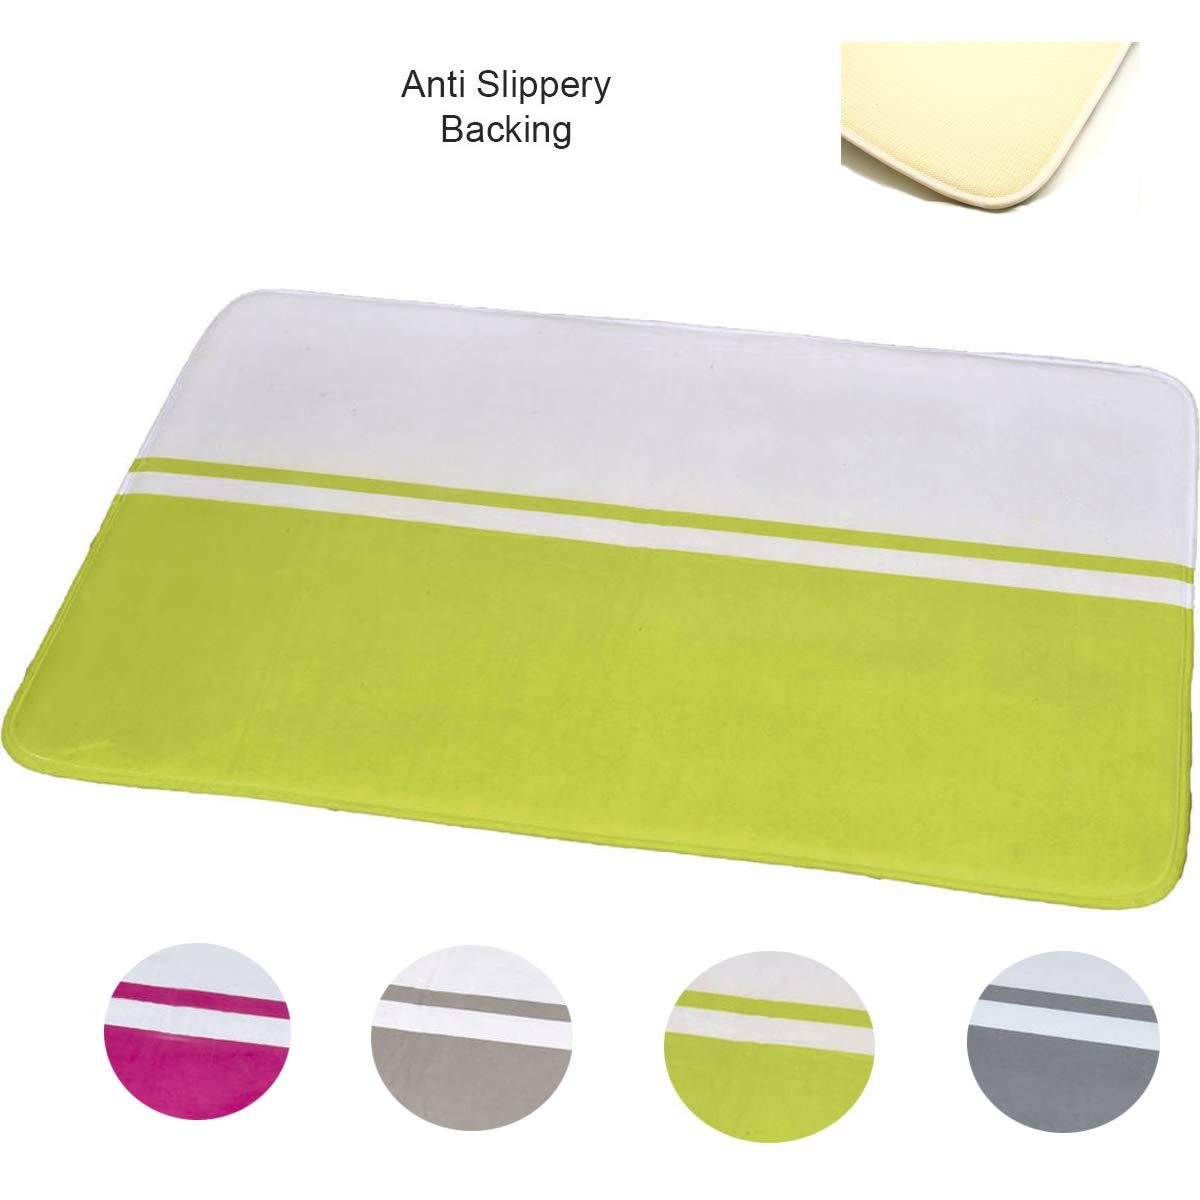 White//Fuchsia 36 L x 24 W x 1 H EVIDECO 7709216 Design Microfiber Bath Mat Area Rug Two-Colored